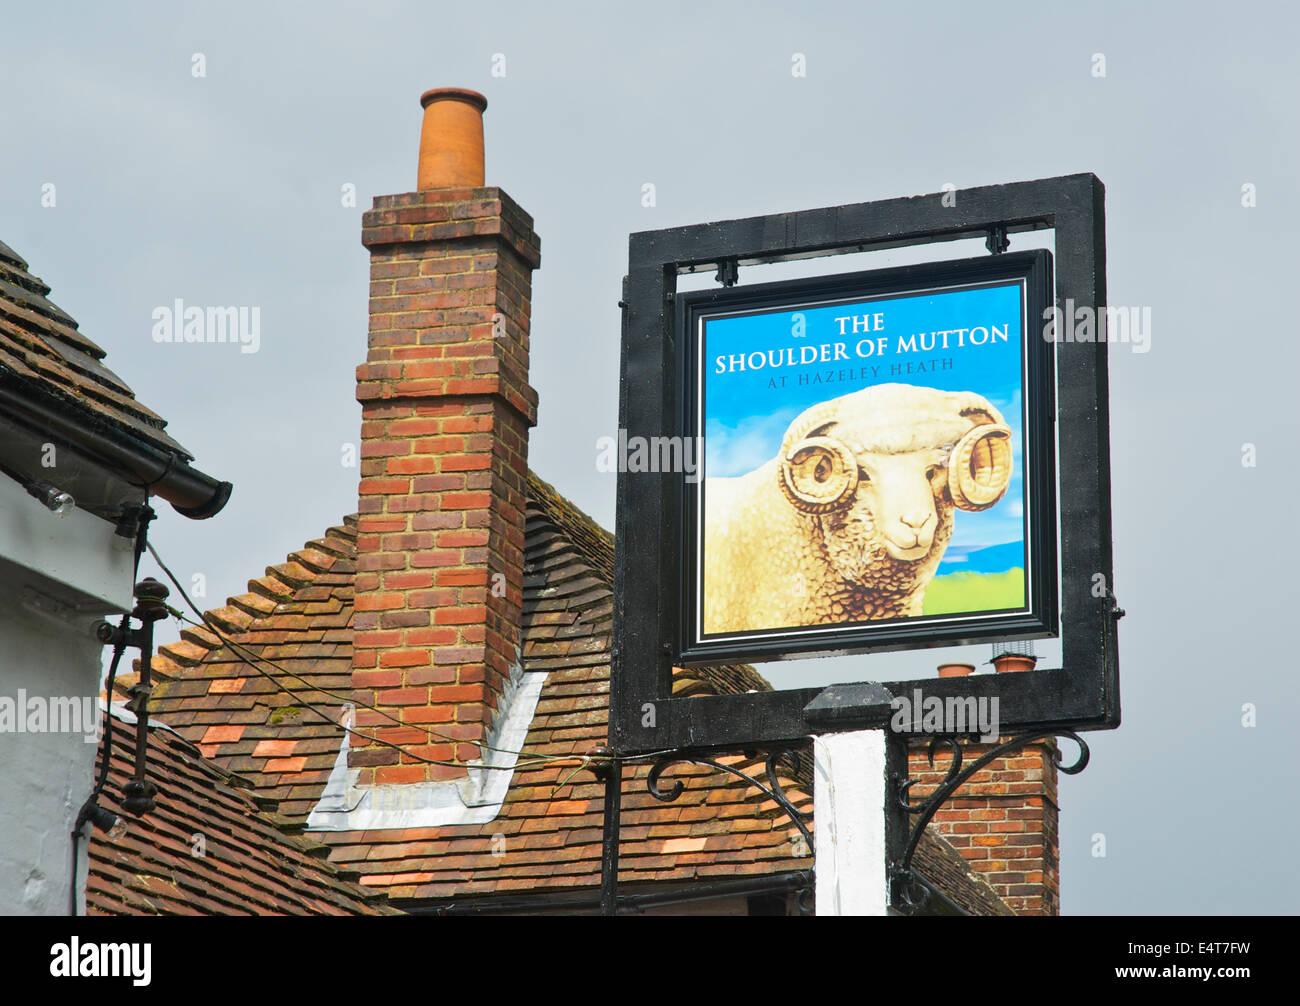 Señal para el hombro de cordero en Hazeley Heath, un pub cerca de Hartley Wintney, Hampshire, Inglaterra Imagen De Stock